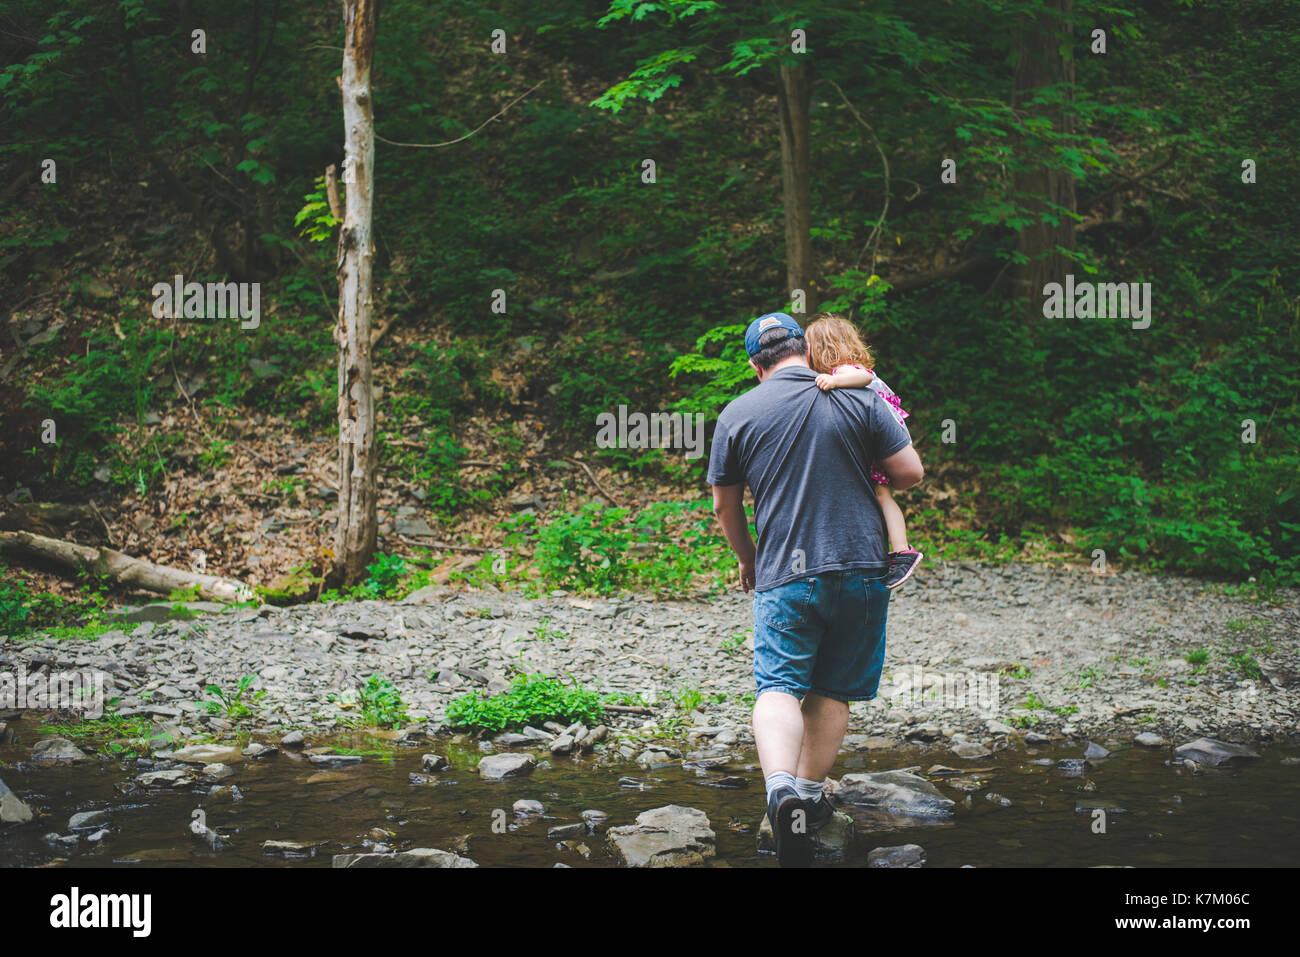 Un père porte sa fille lors d'une randonnée dans les bois. Photo Stock